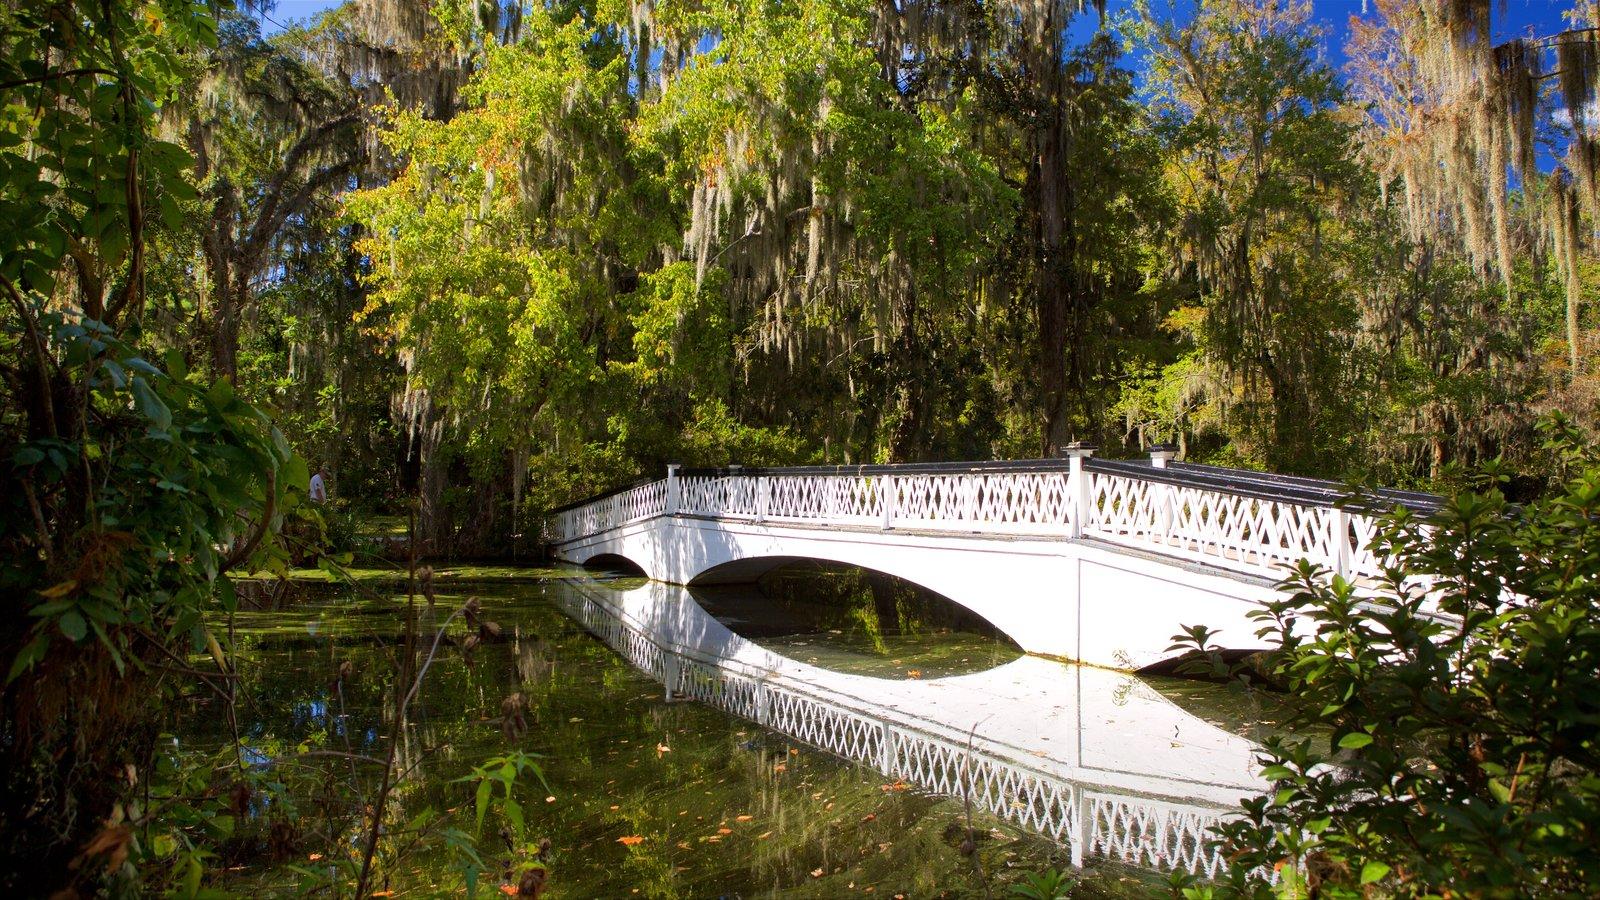 Magnolia Plantation and Gardens caracterizando uma ponte, um rio ou córrego e um jardim